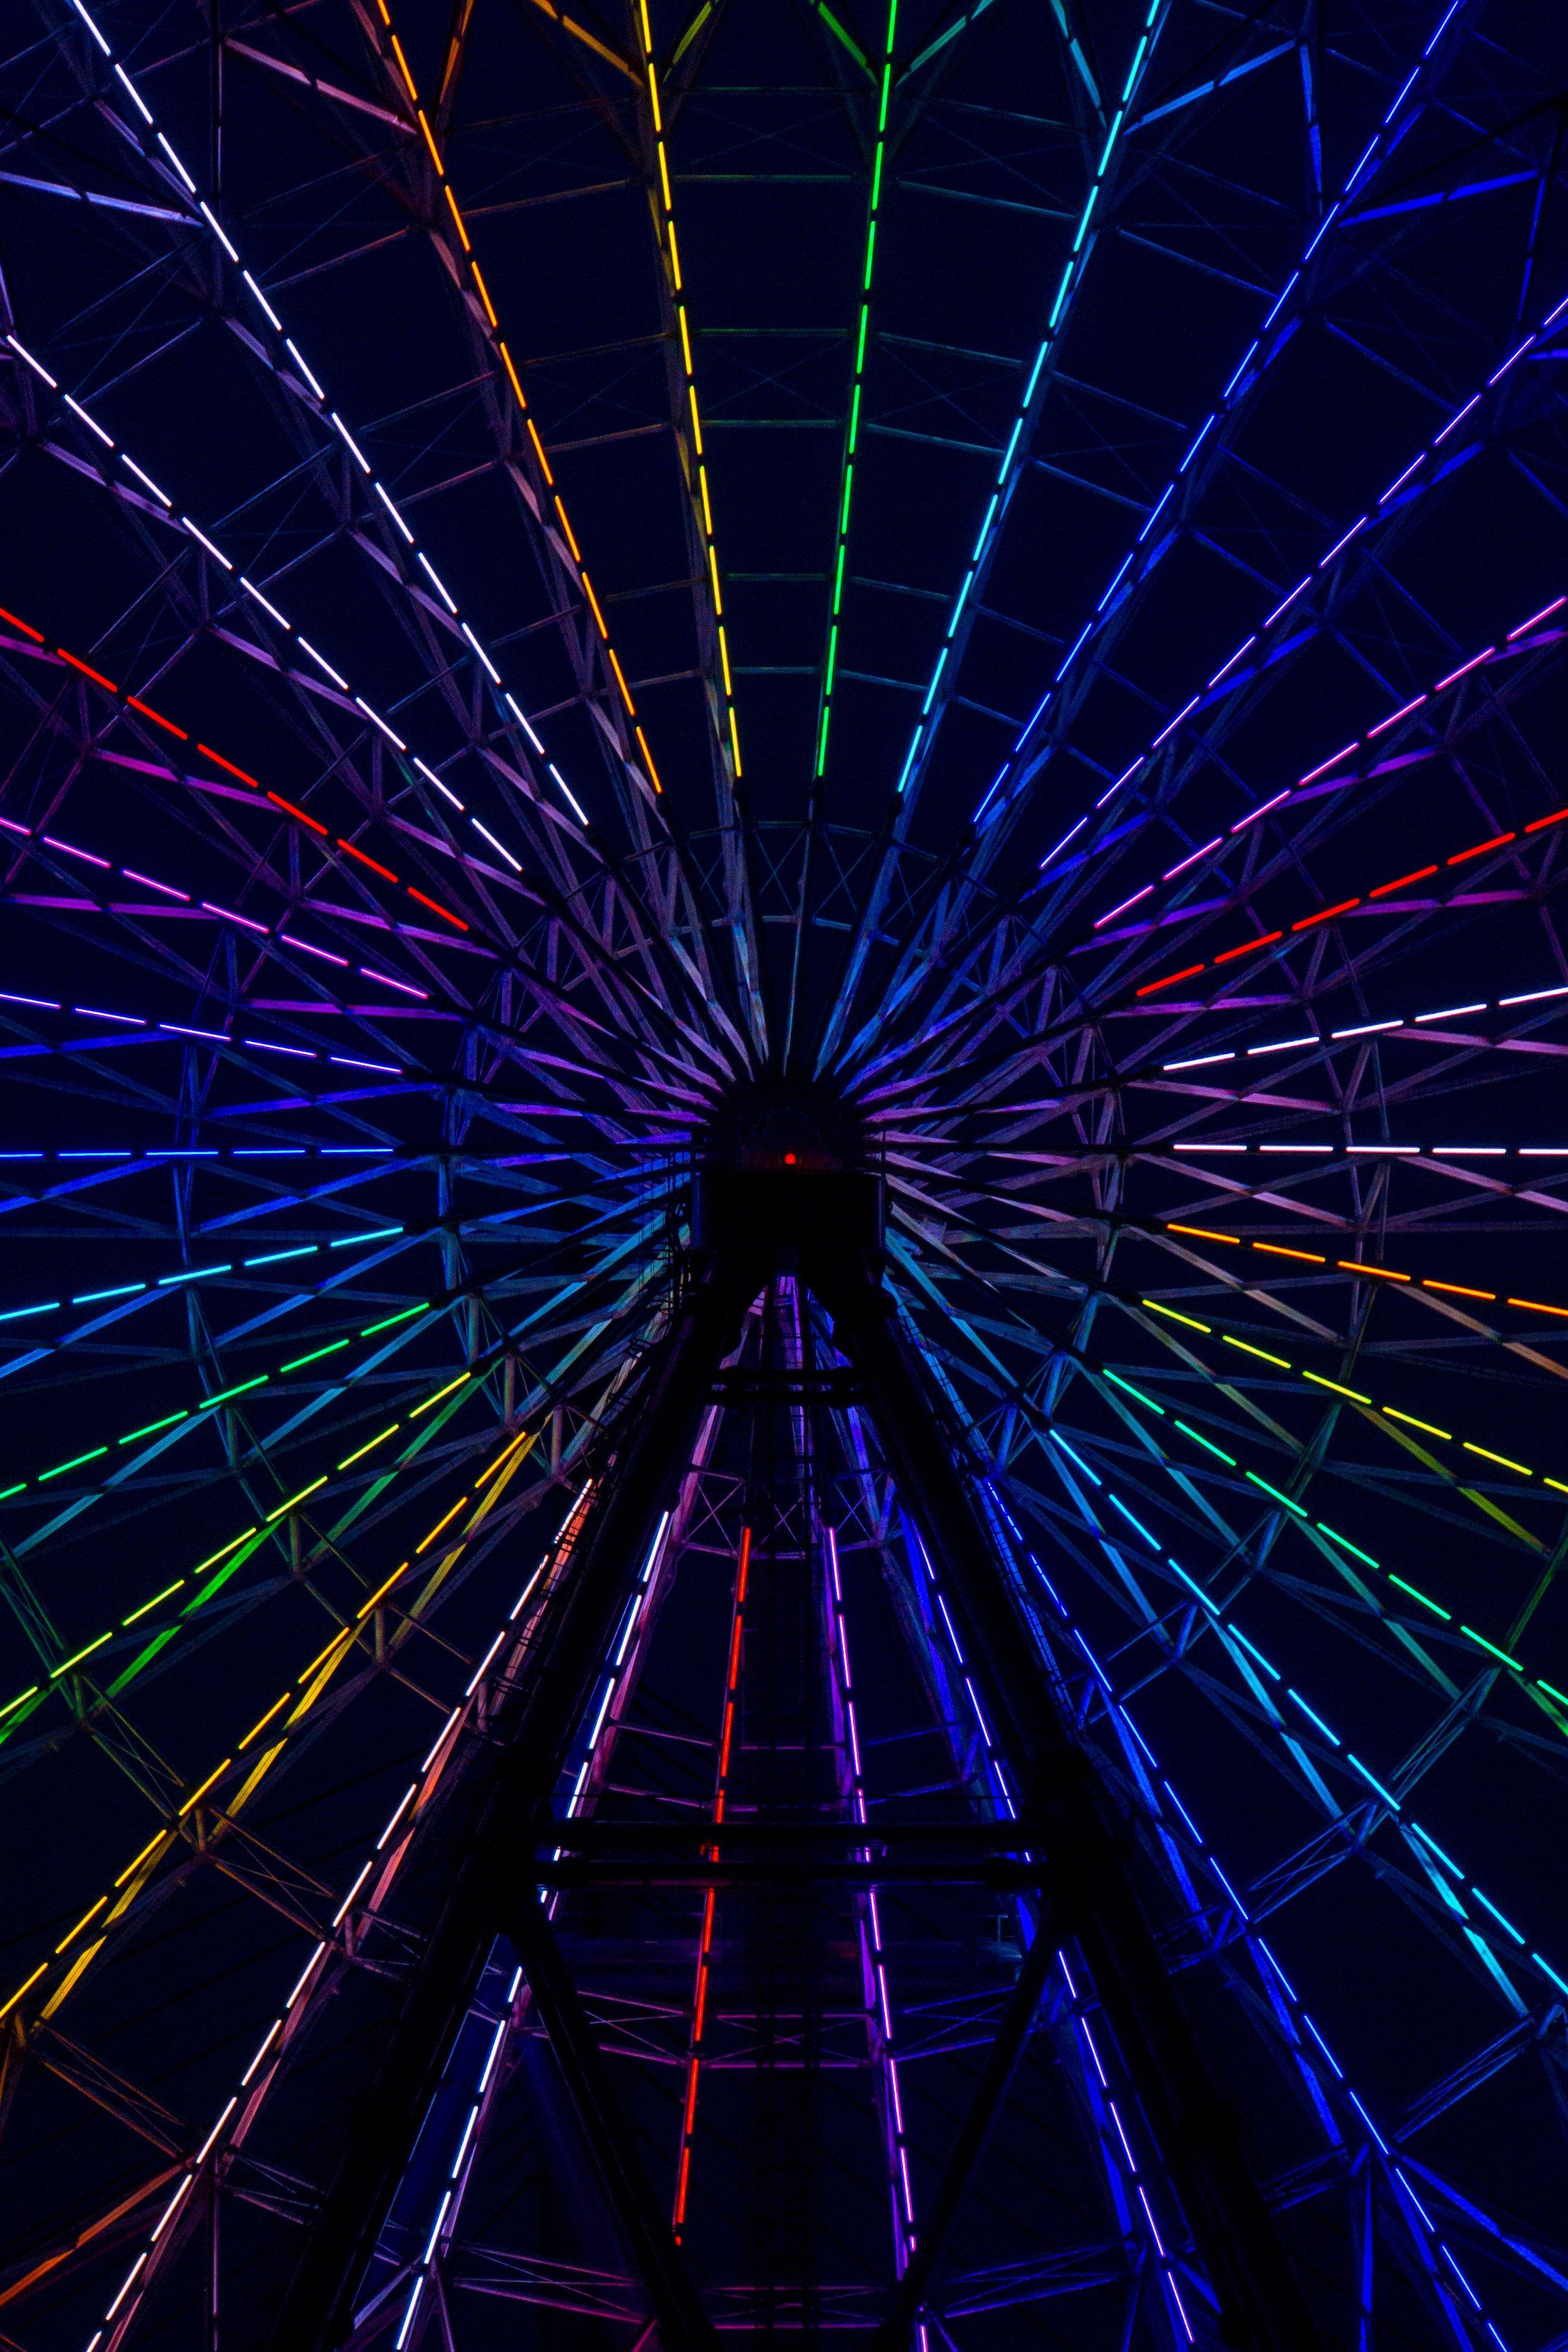 Ferris tim-easley-317922.jpg